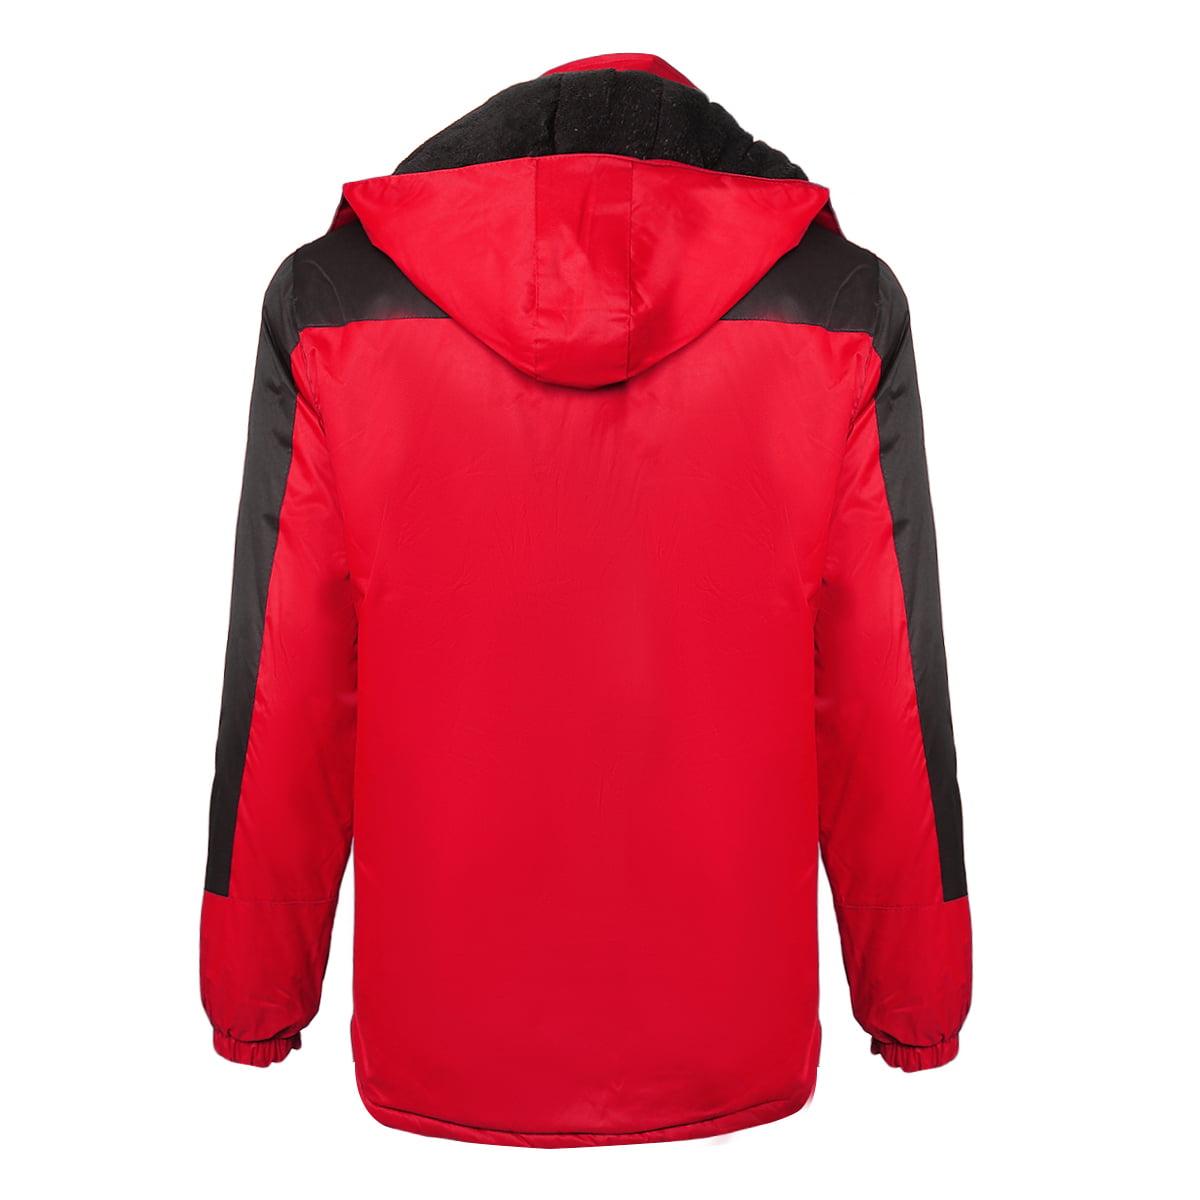 YOUTHUP Mens Winter Windbreaker Jacket Fleece Lined Thick Hood Waterproof Coat Outdoor Sport Jackets